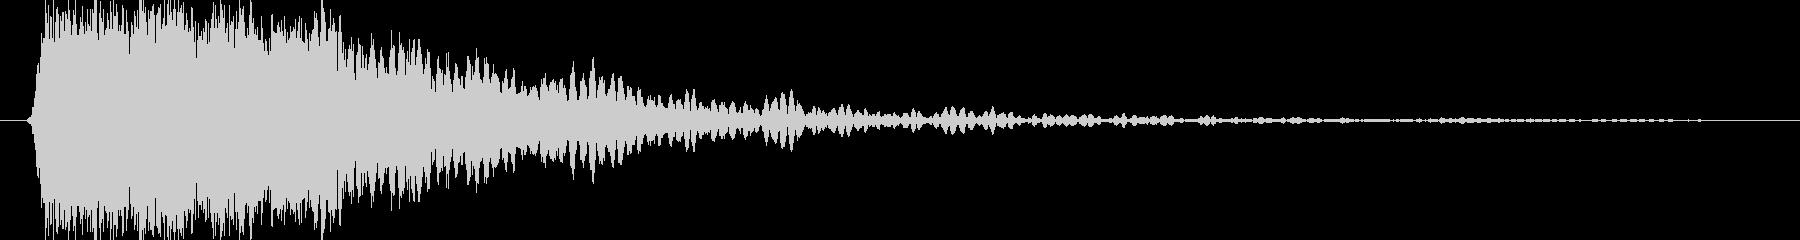 ガキーン 派手な金属音2の未再生の波形